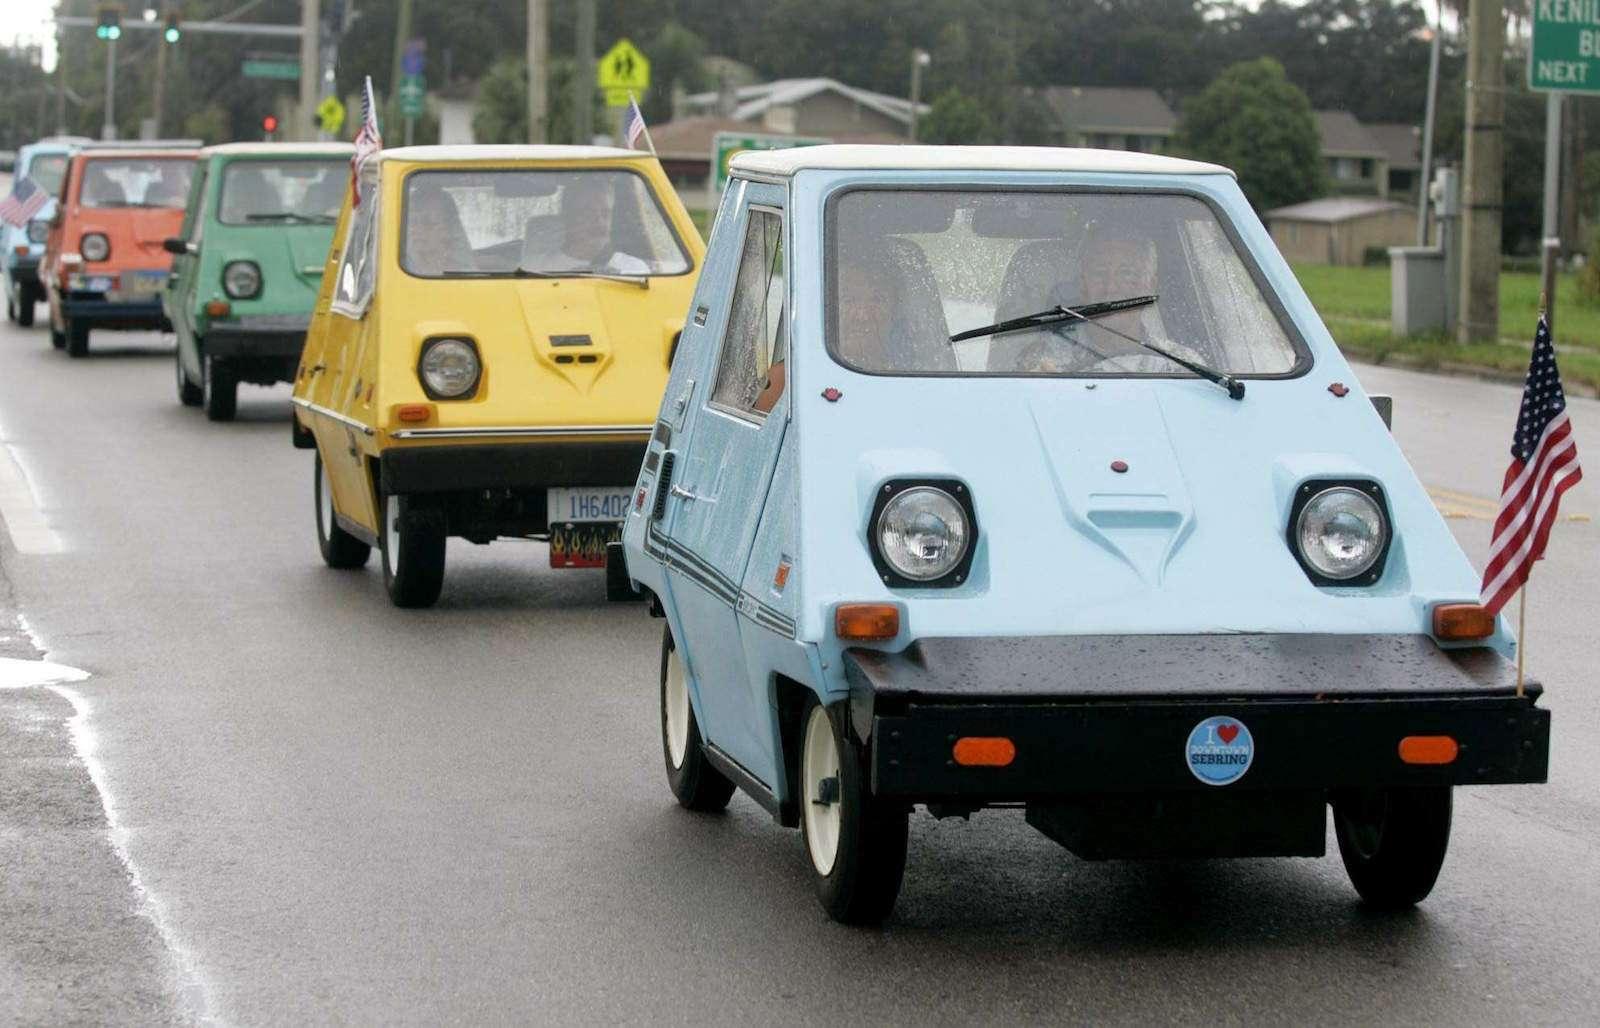 Sebring-Vanguard CitiCar